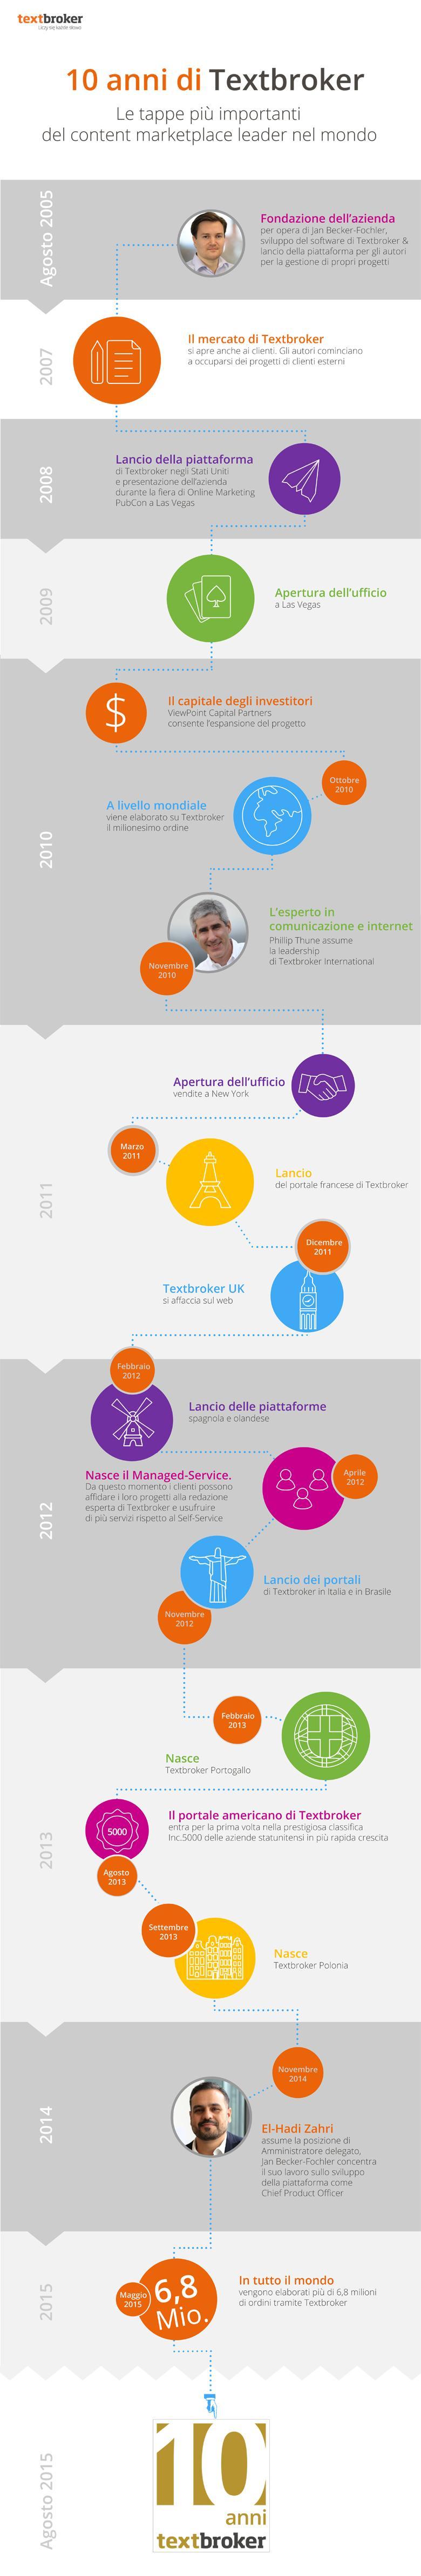 Infografica: le tappe più importanti di Textbroker